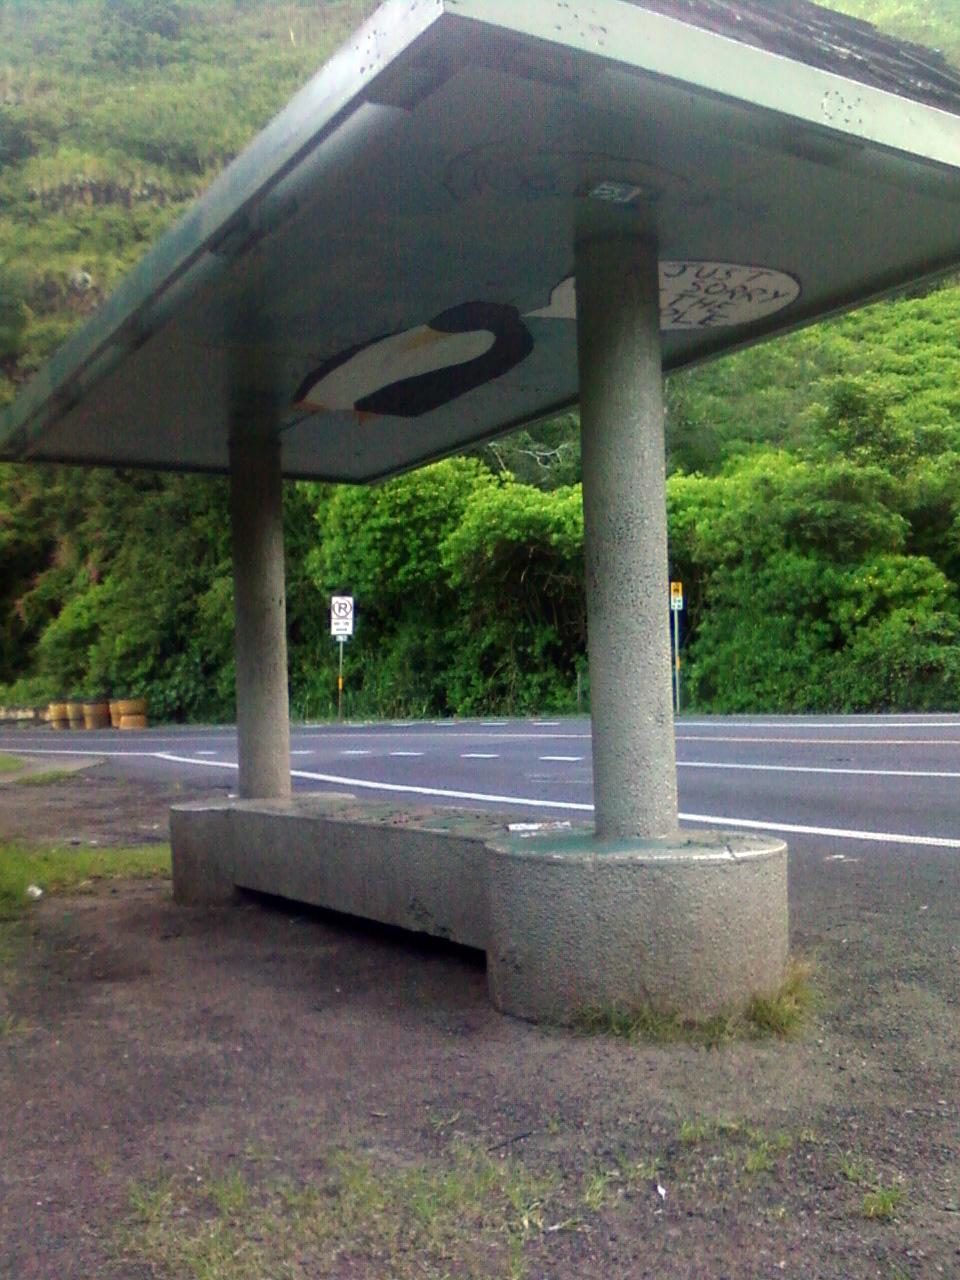 bus shelter hawai'i